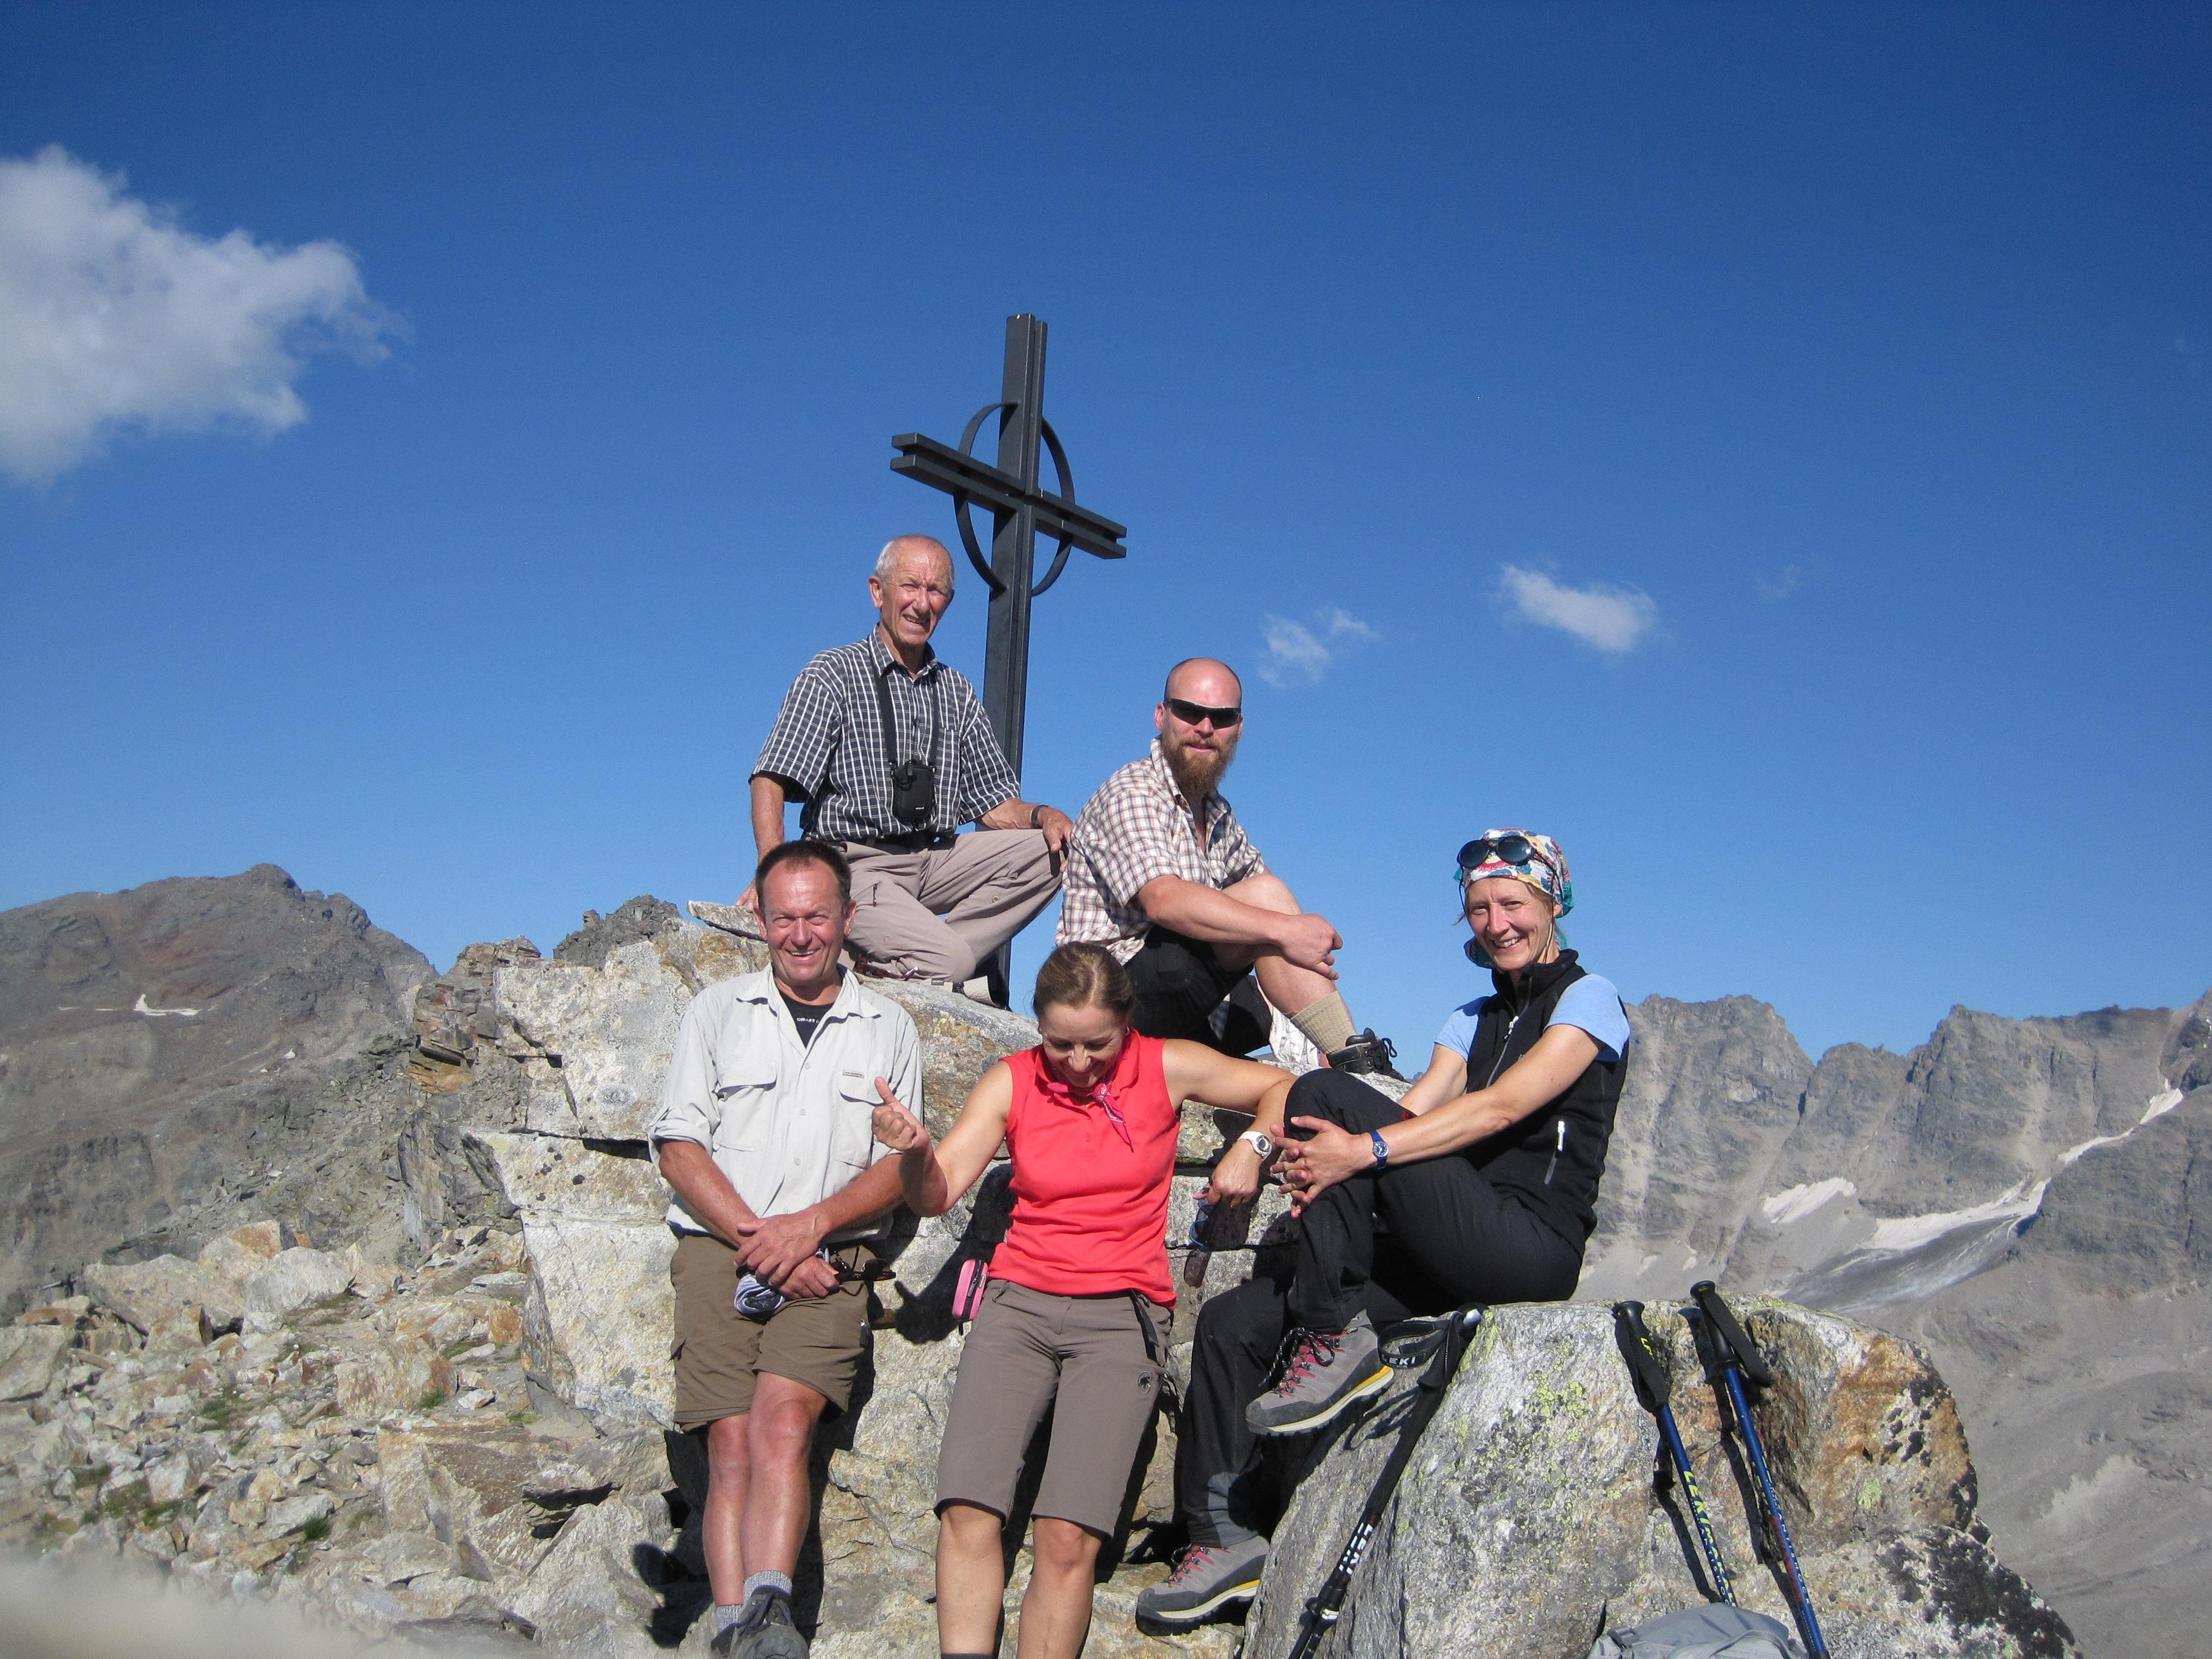 alpenverein düsseldorf